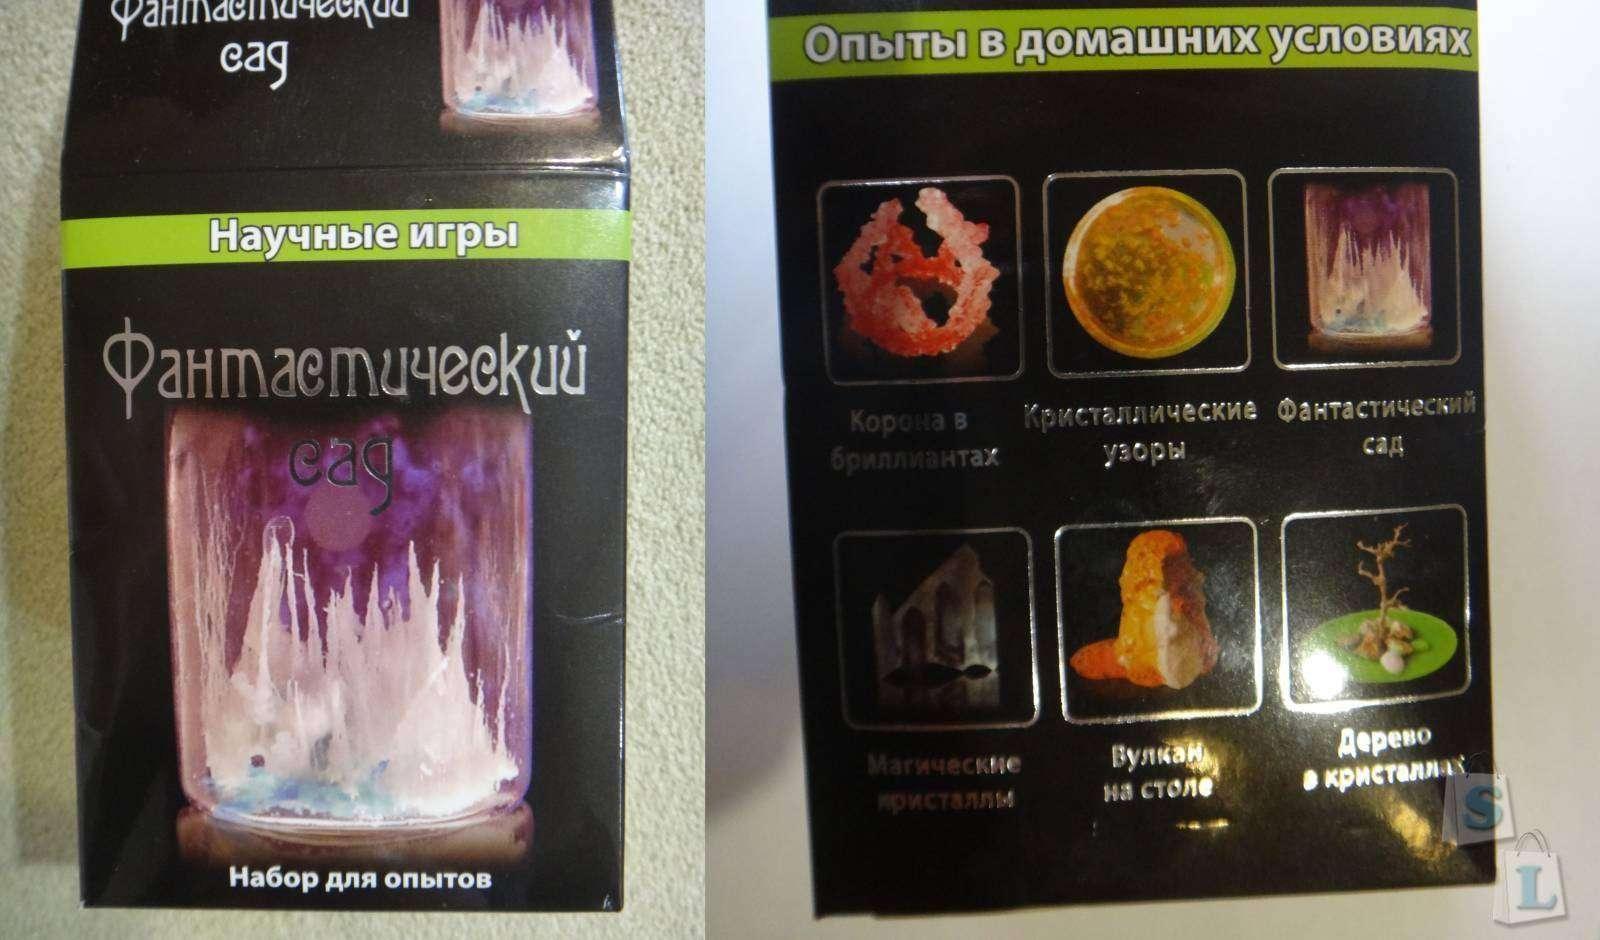 Другие - Украина: Обзор научной игры фирмы ranok-creative 'Фантастический сад'  (опыты в домашних условиях)